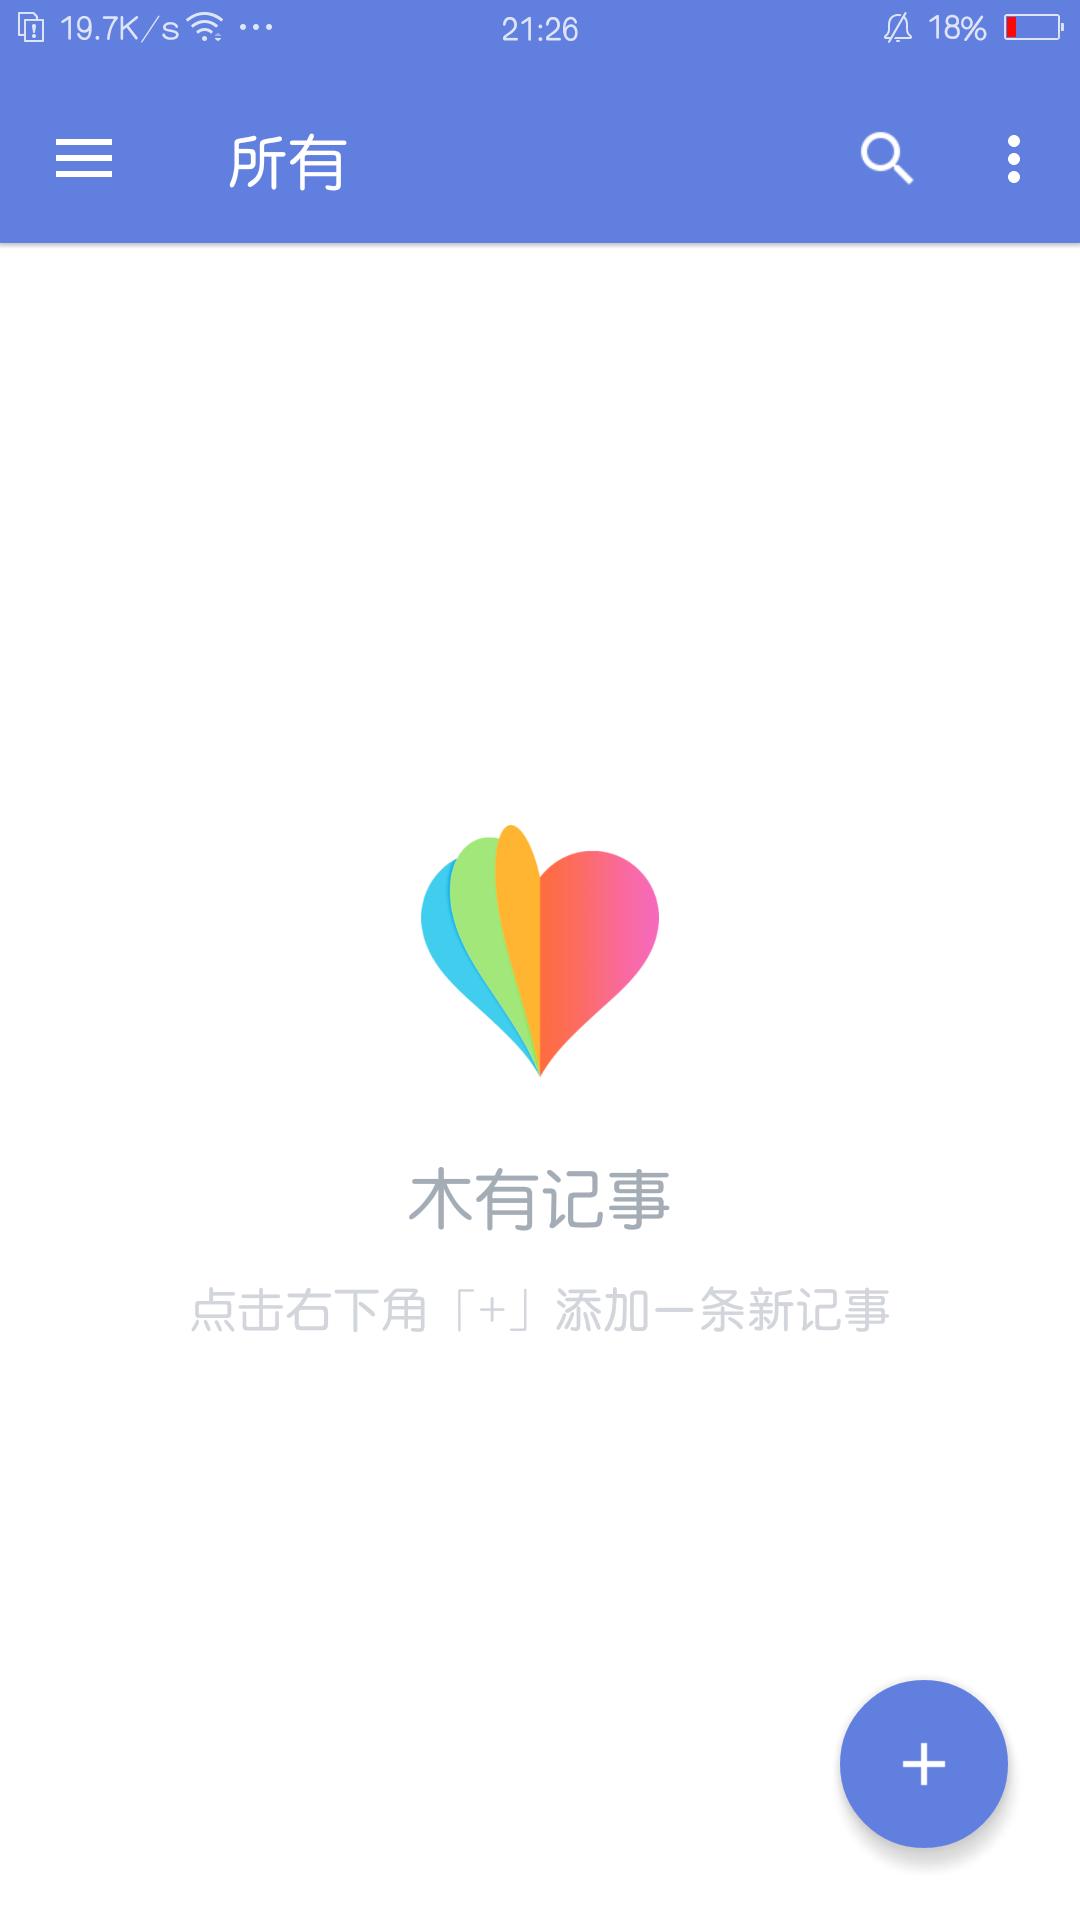 【分享】舒心录 - 永不割舍回忆备忘录 0.9.99